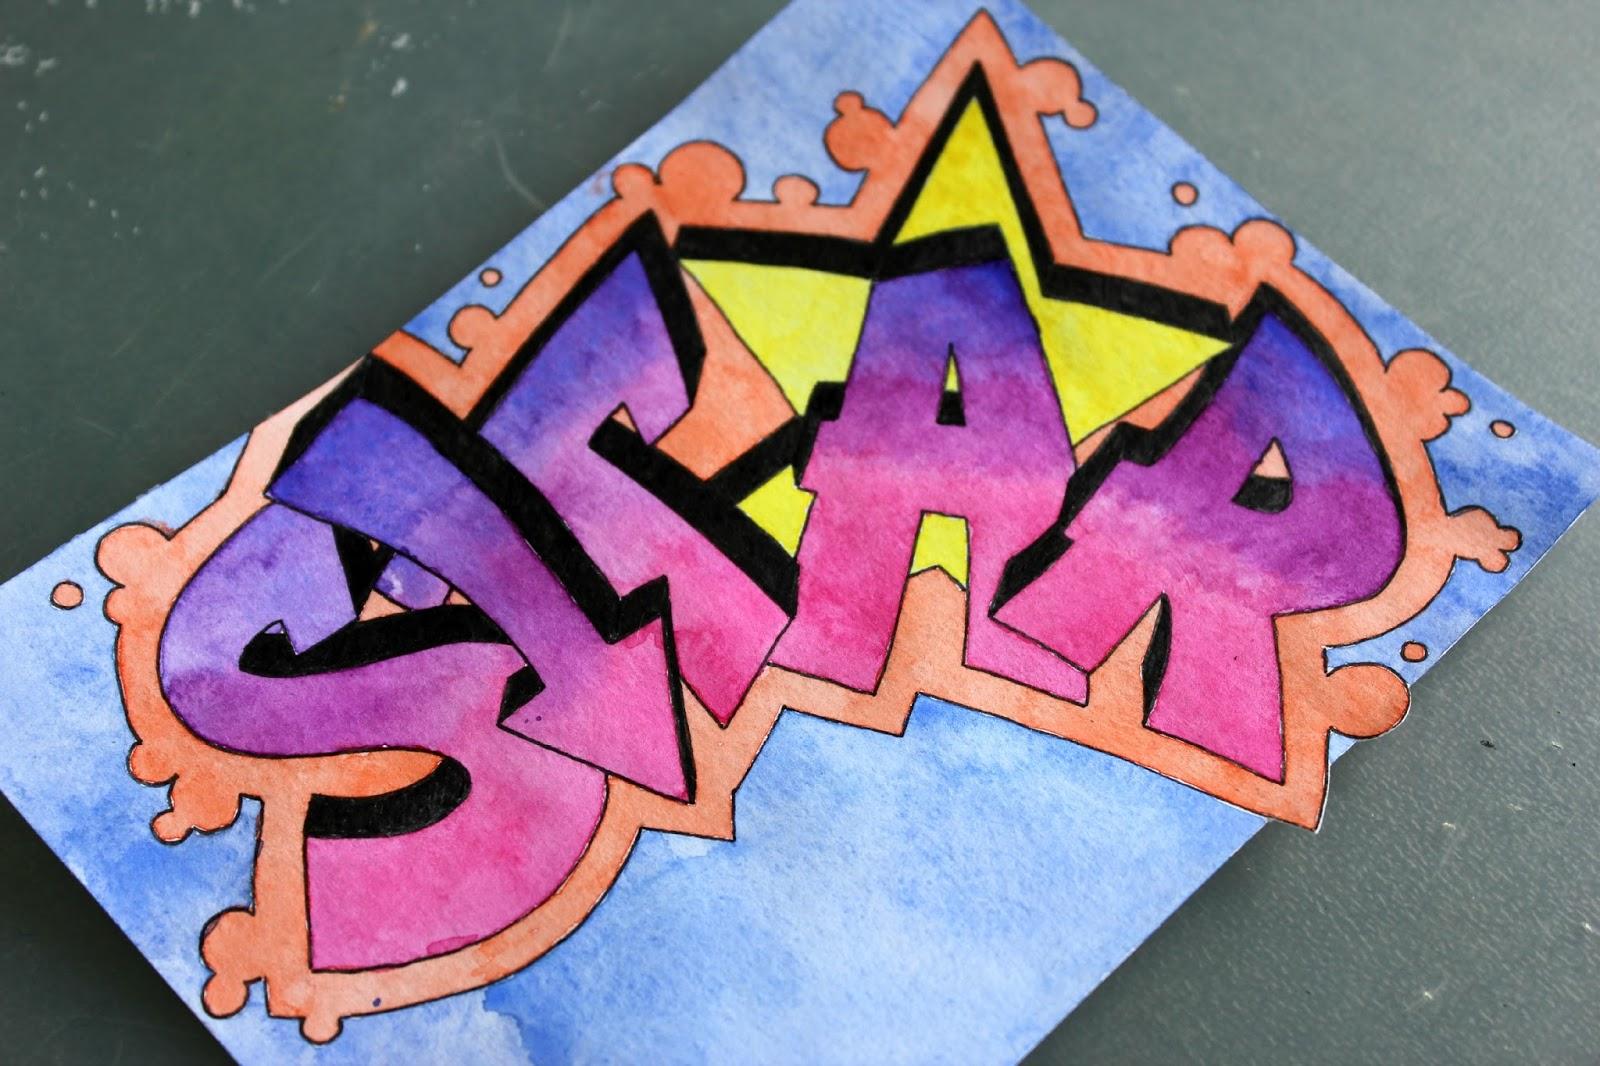 граффити с именем даша картинки туда детьми